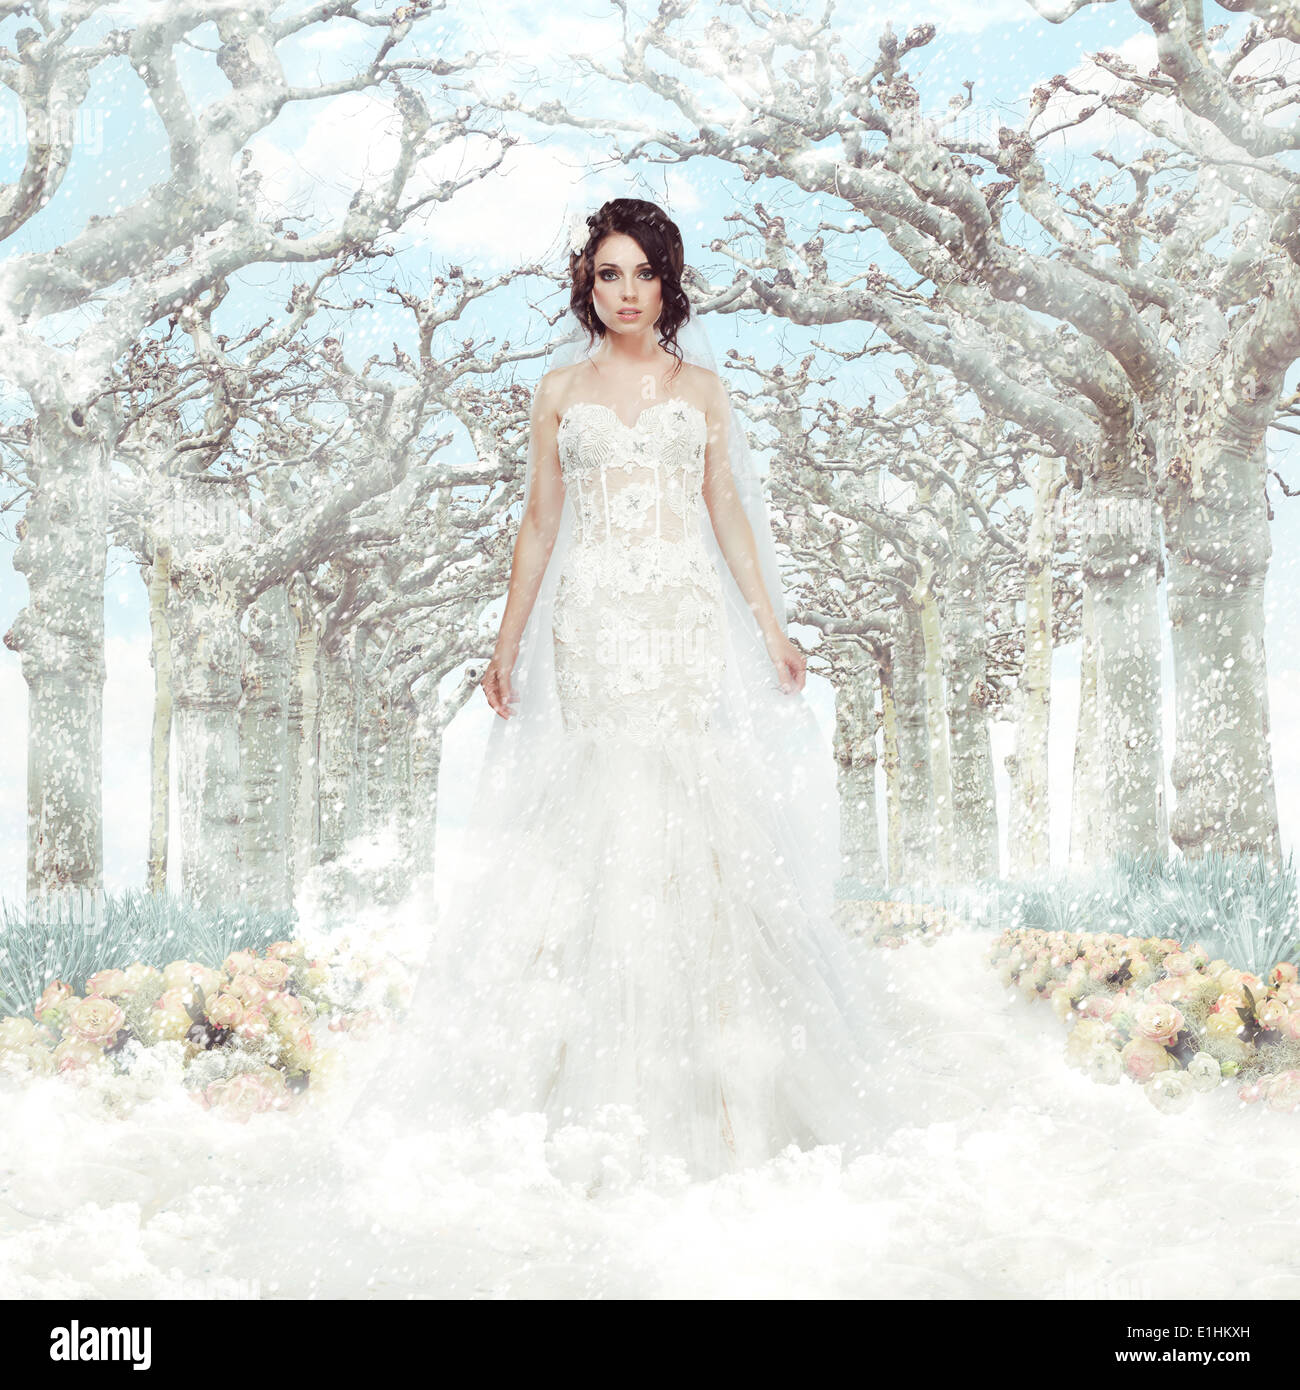 La fantasia. Il matrimonio. Sposa in abito bianco su congelati inverno alberi e fiocchi di neve Immagini Stock